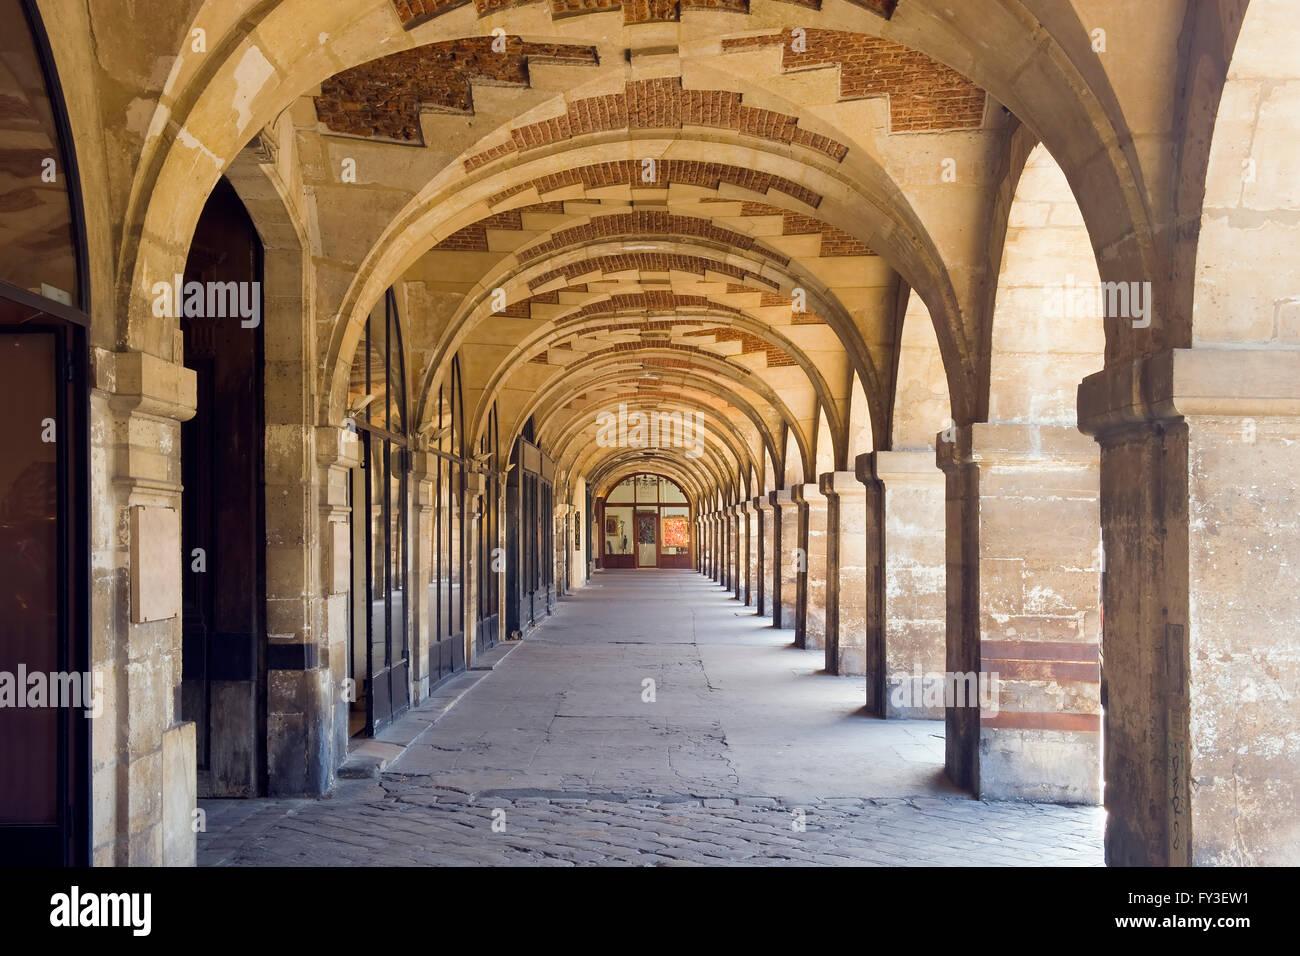 Place des vosges shady arcades le marais area paris - Comptoir des cotonniers place des vosges ...